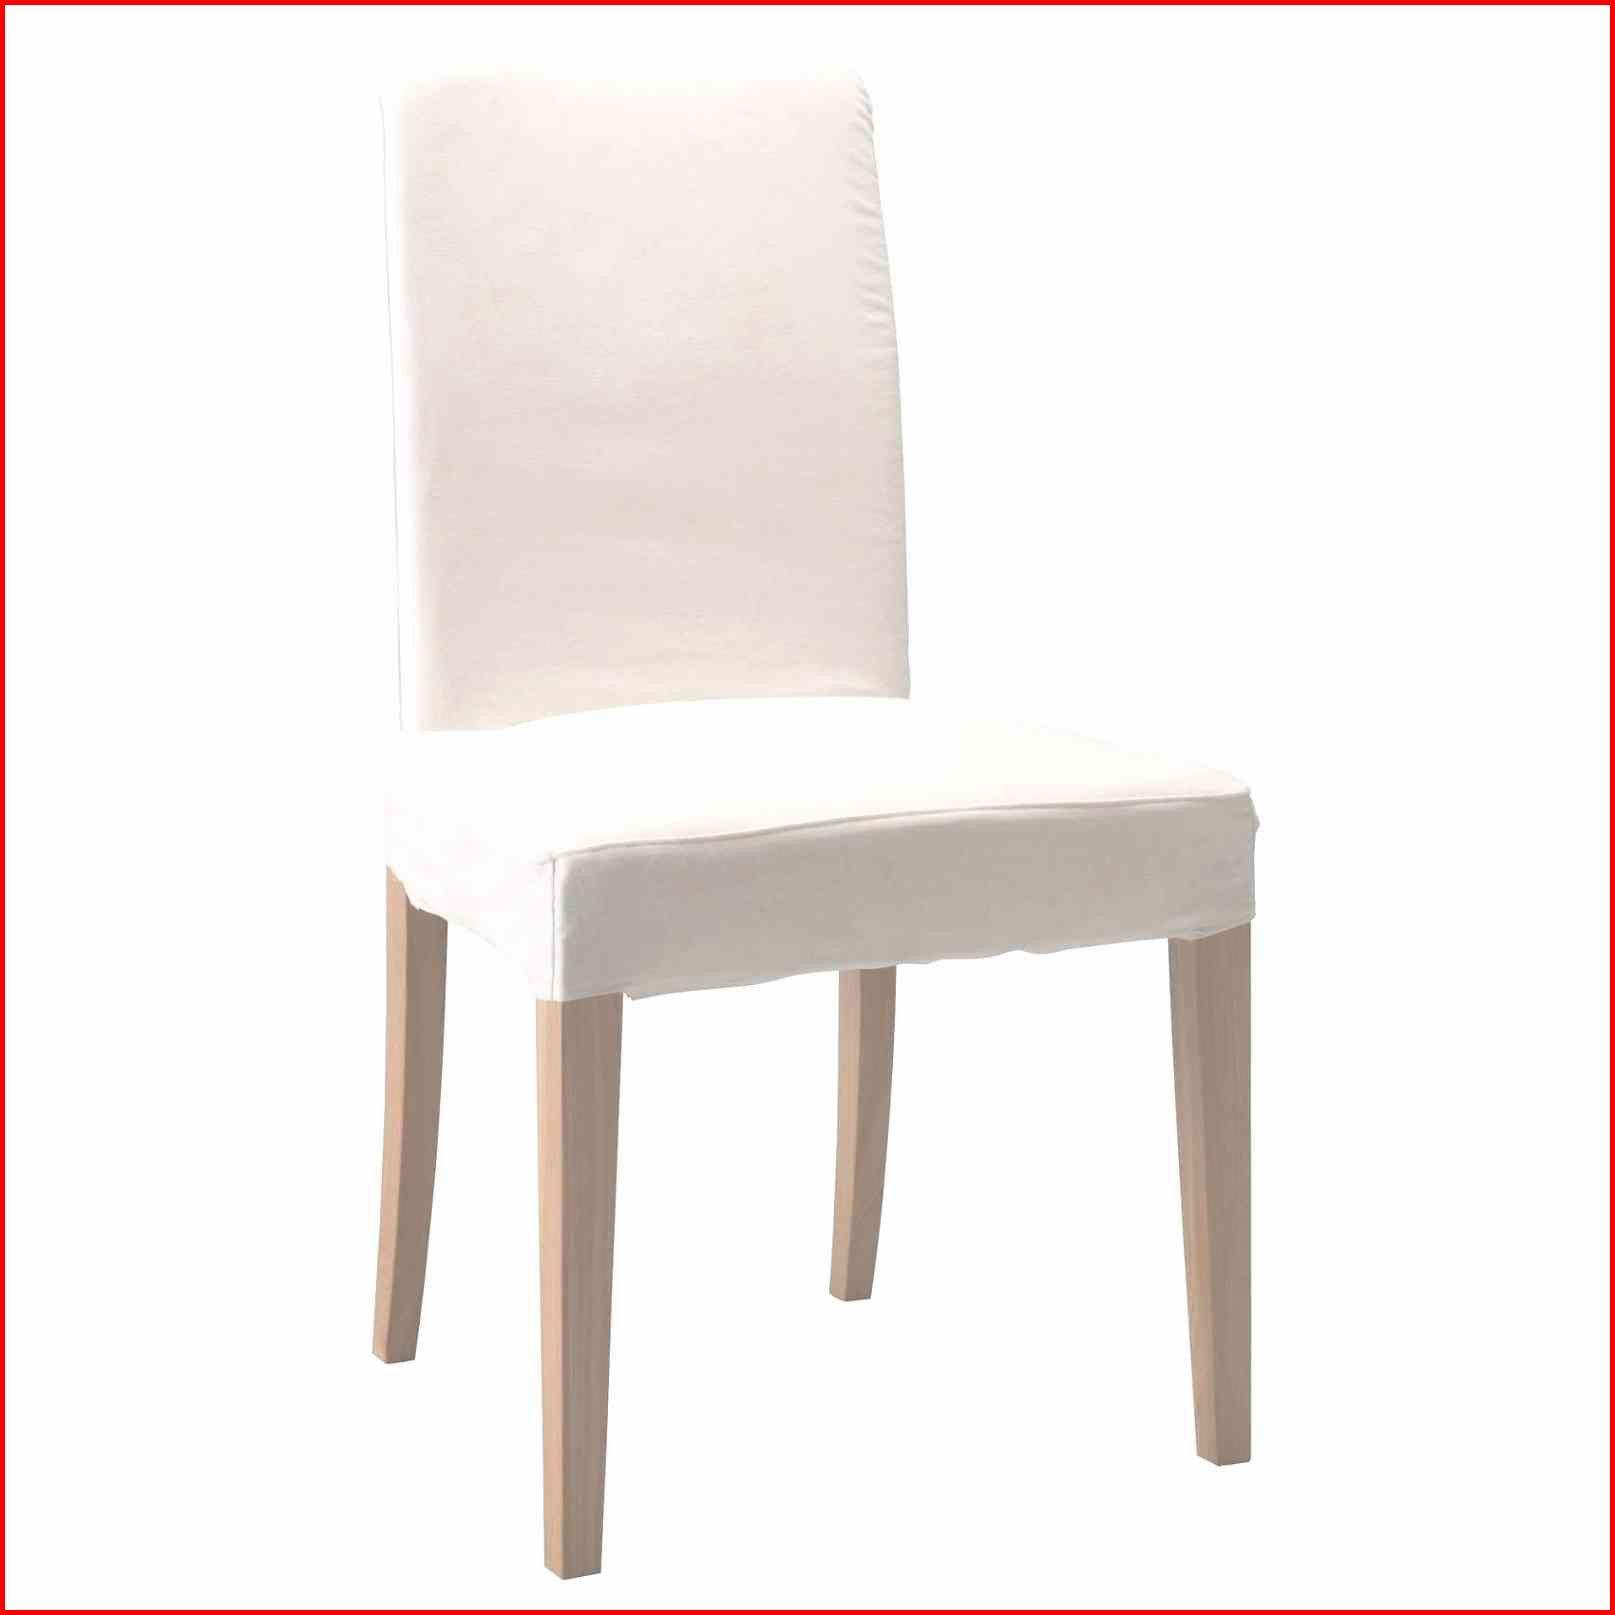 Chaise Noir Conforama Bureau Chaise Conforama 15 Chaises ... avec Conforama Chaise De Jardin